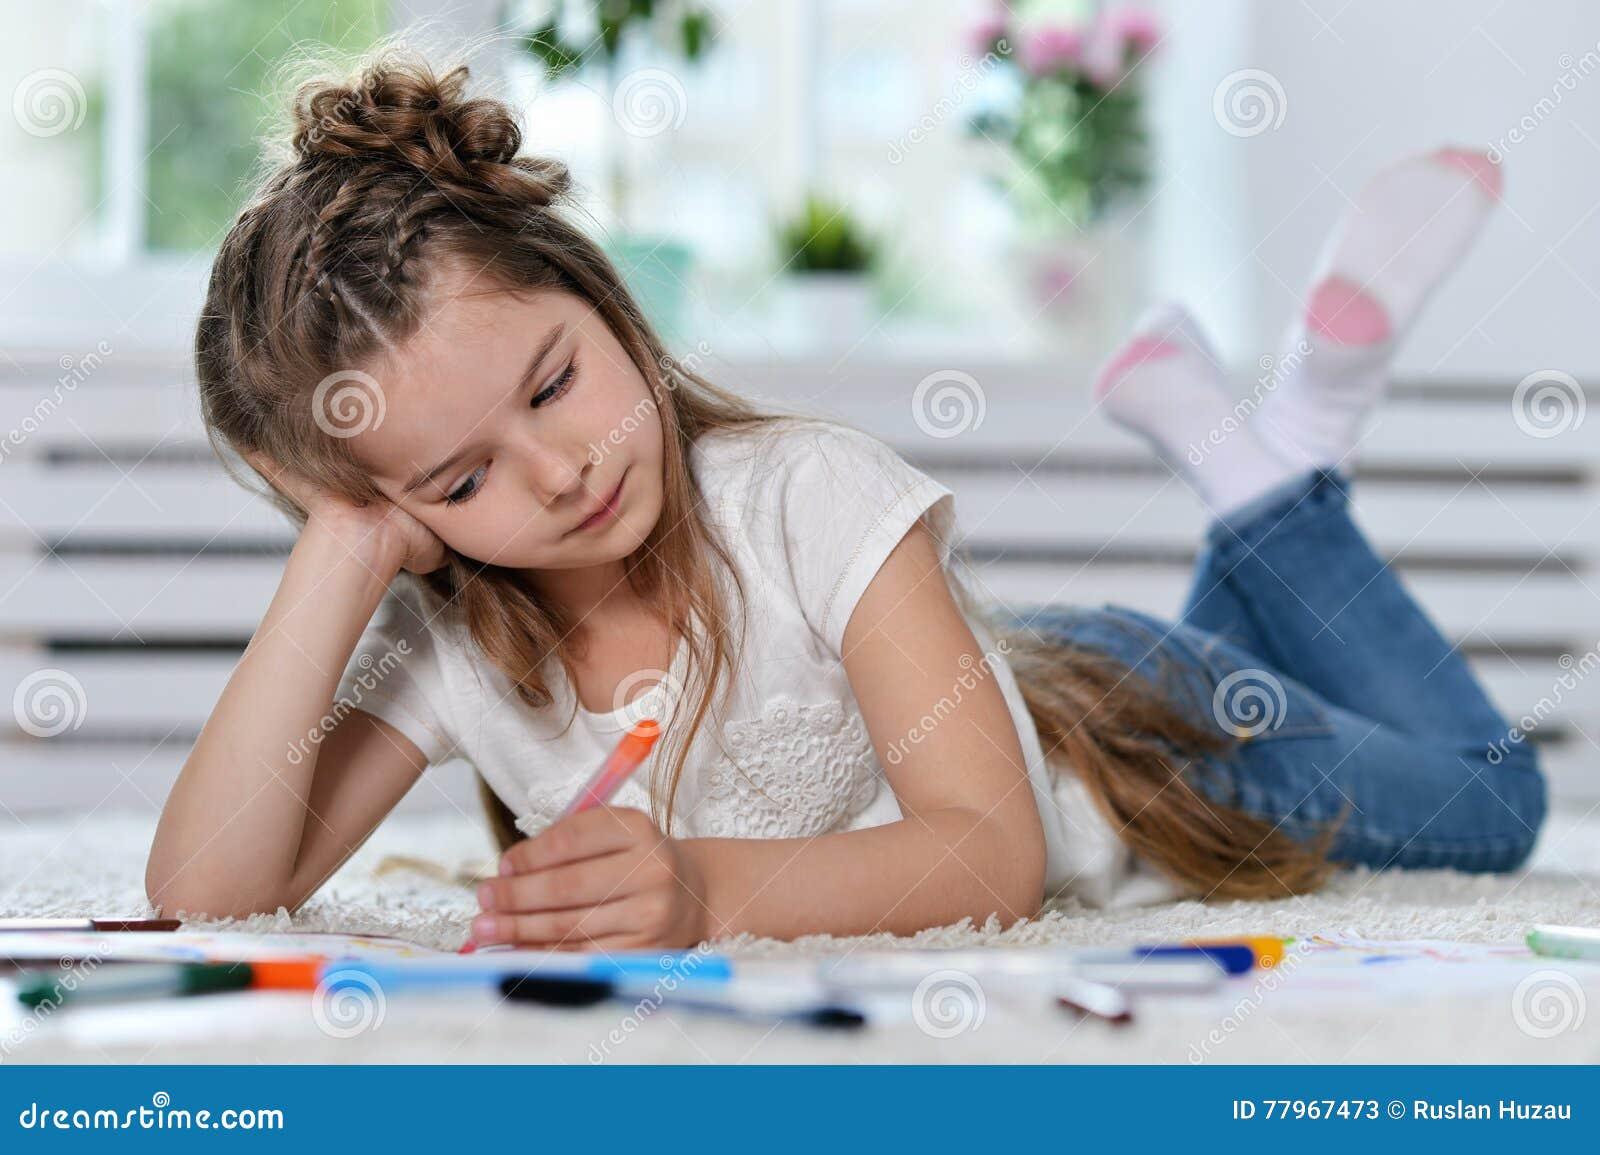 Disegno della bambina alla classe immagine stock for Disegna i tuoi piani di casa gratuitamente